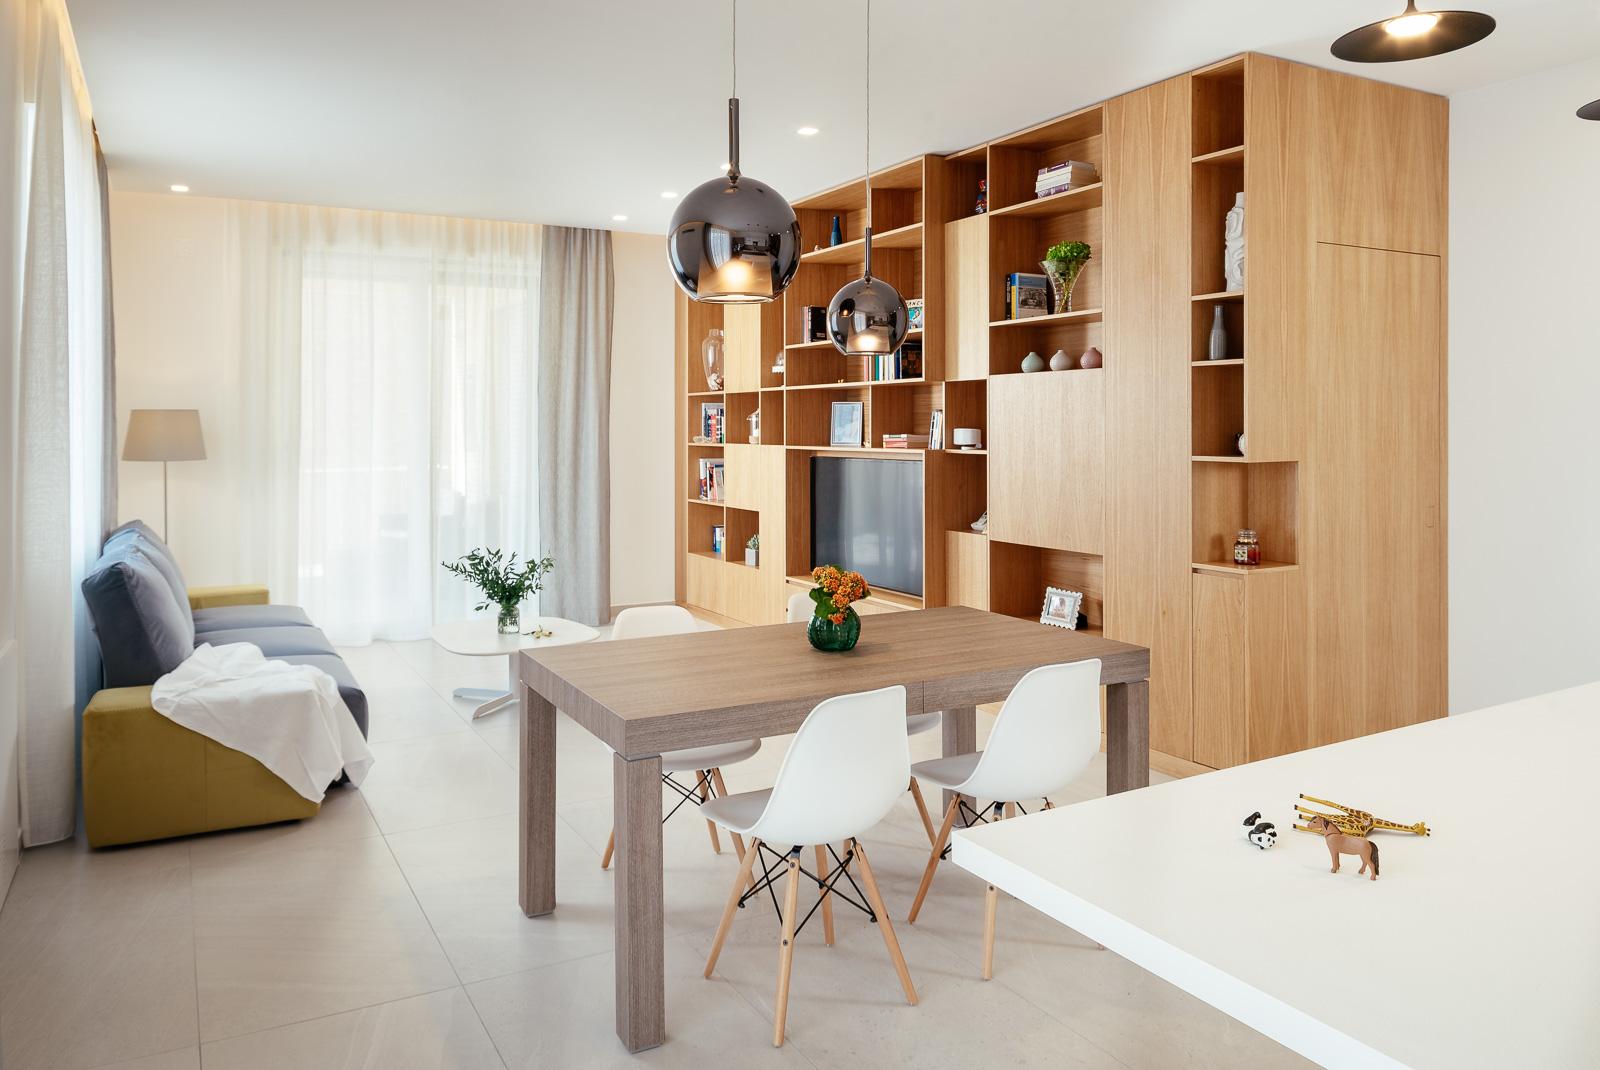 ristrutturazione appartamento falegnameria legno